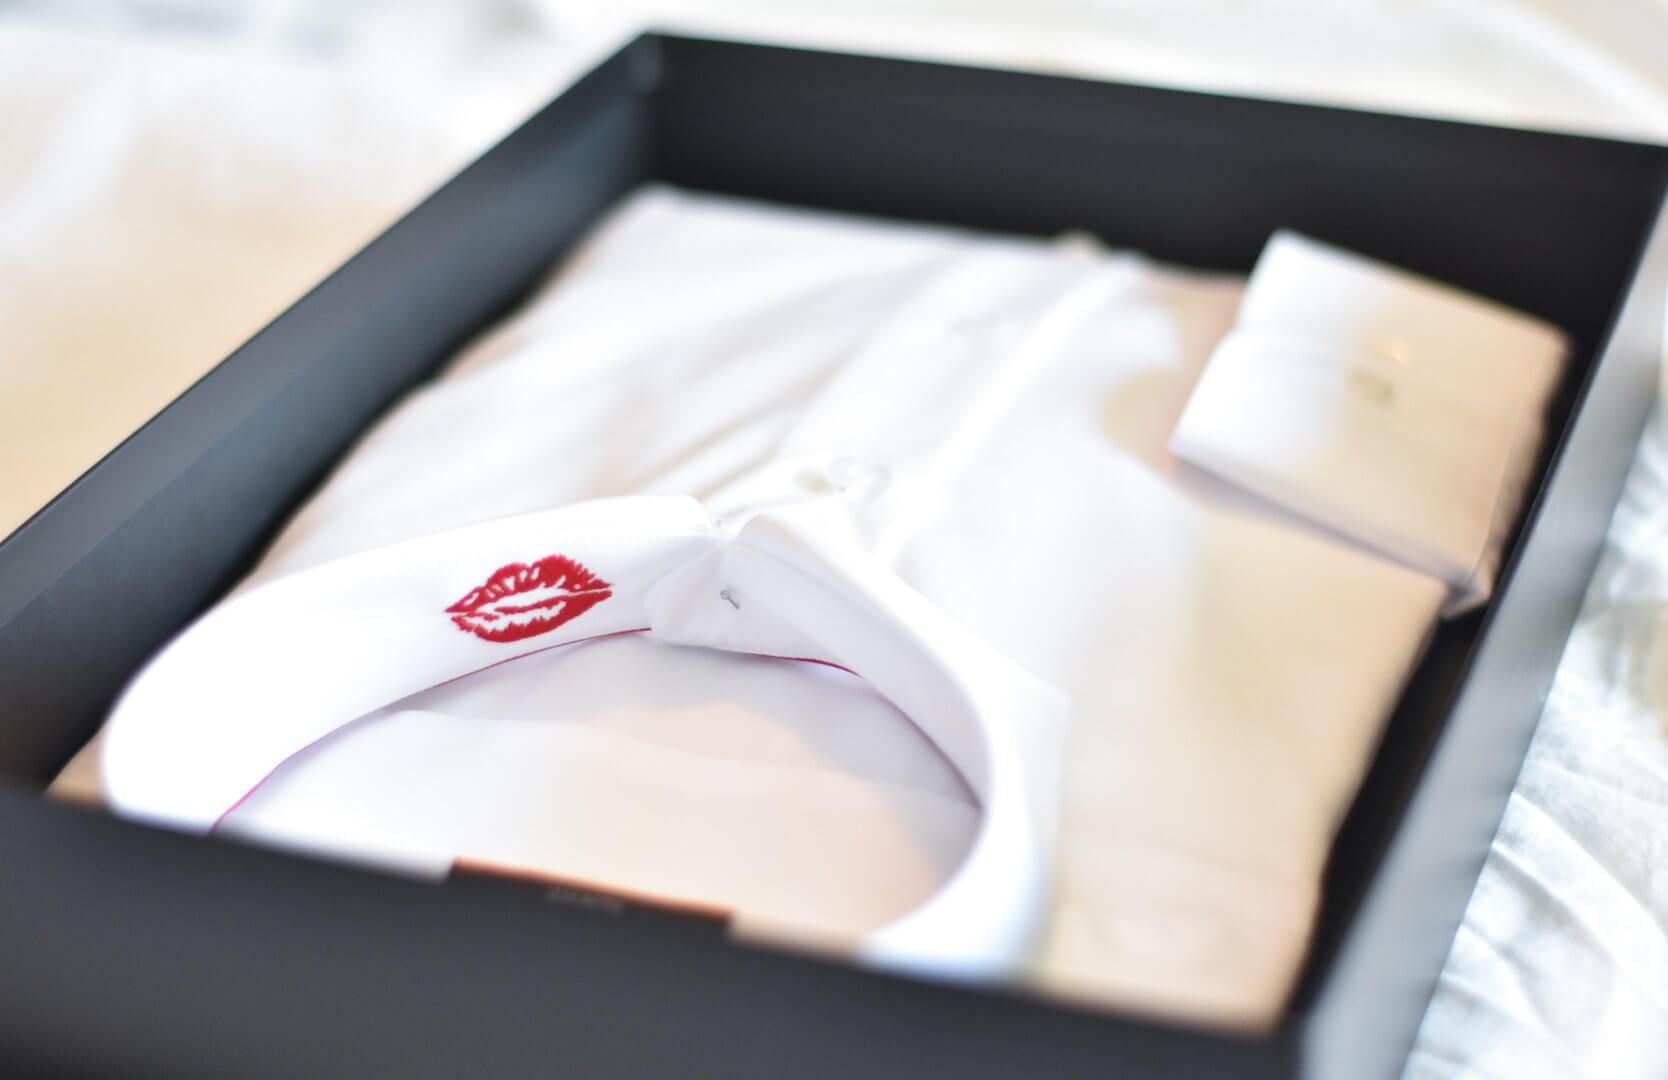 Valentijnsoverhemd grappig detail